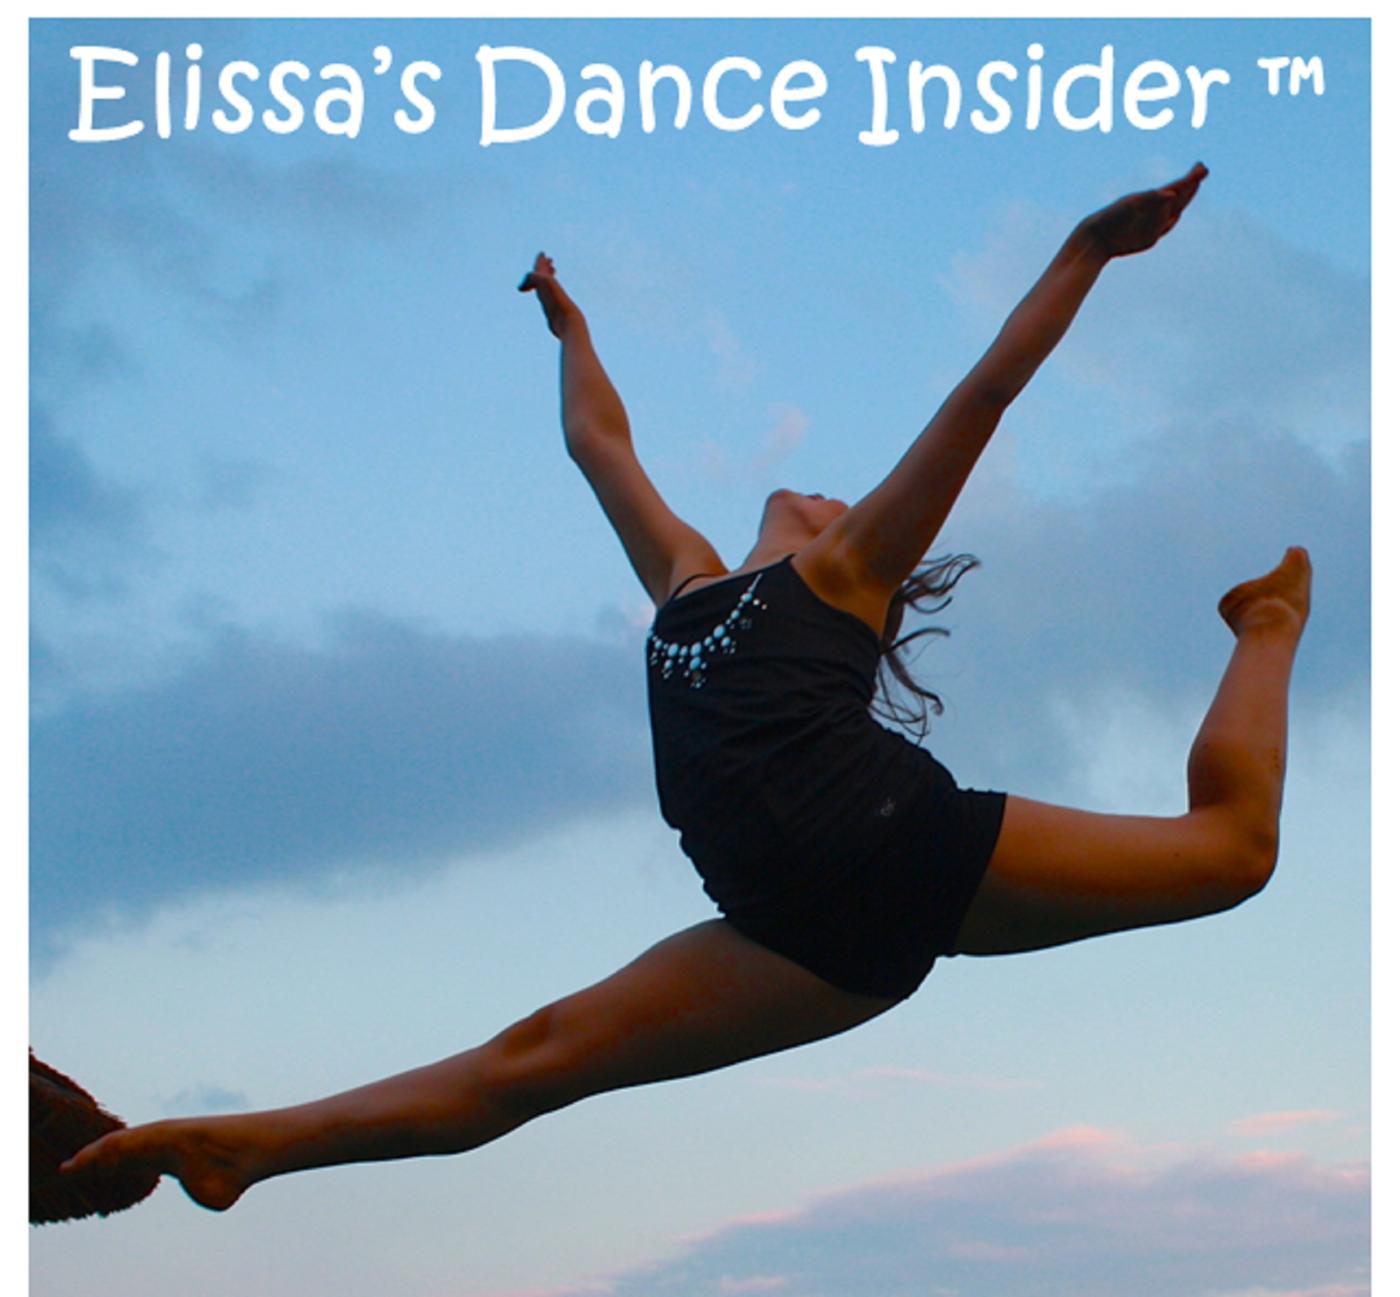 <![CDATA[Elissa's Dance Insider]]>